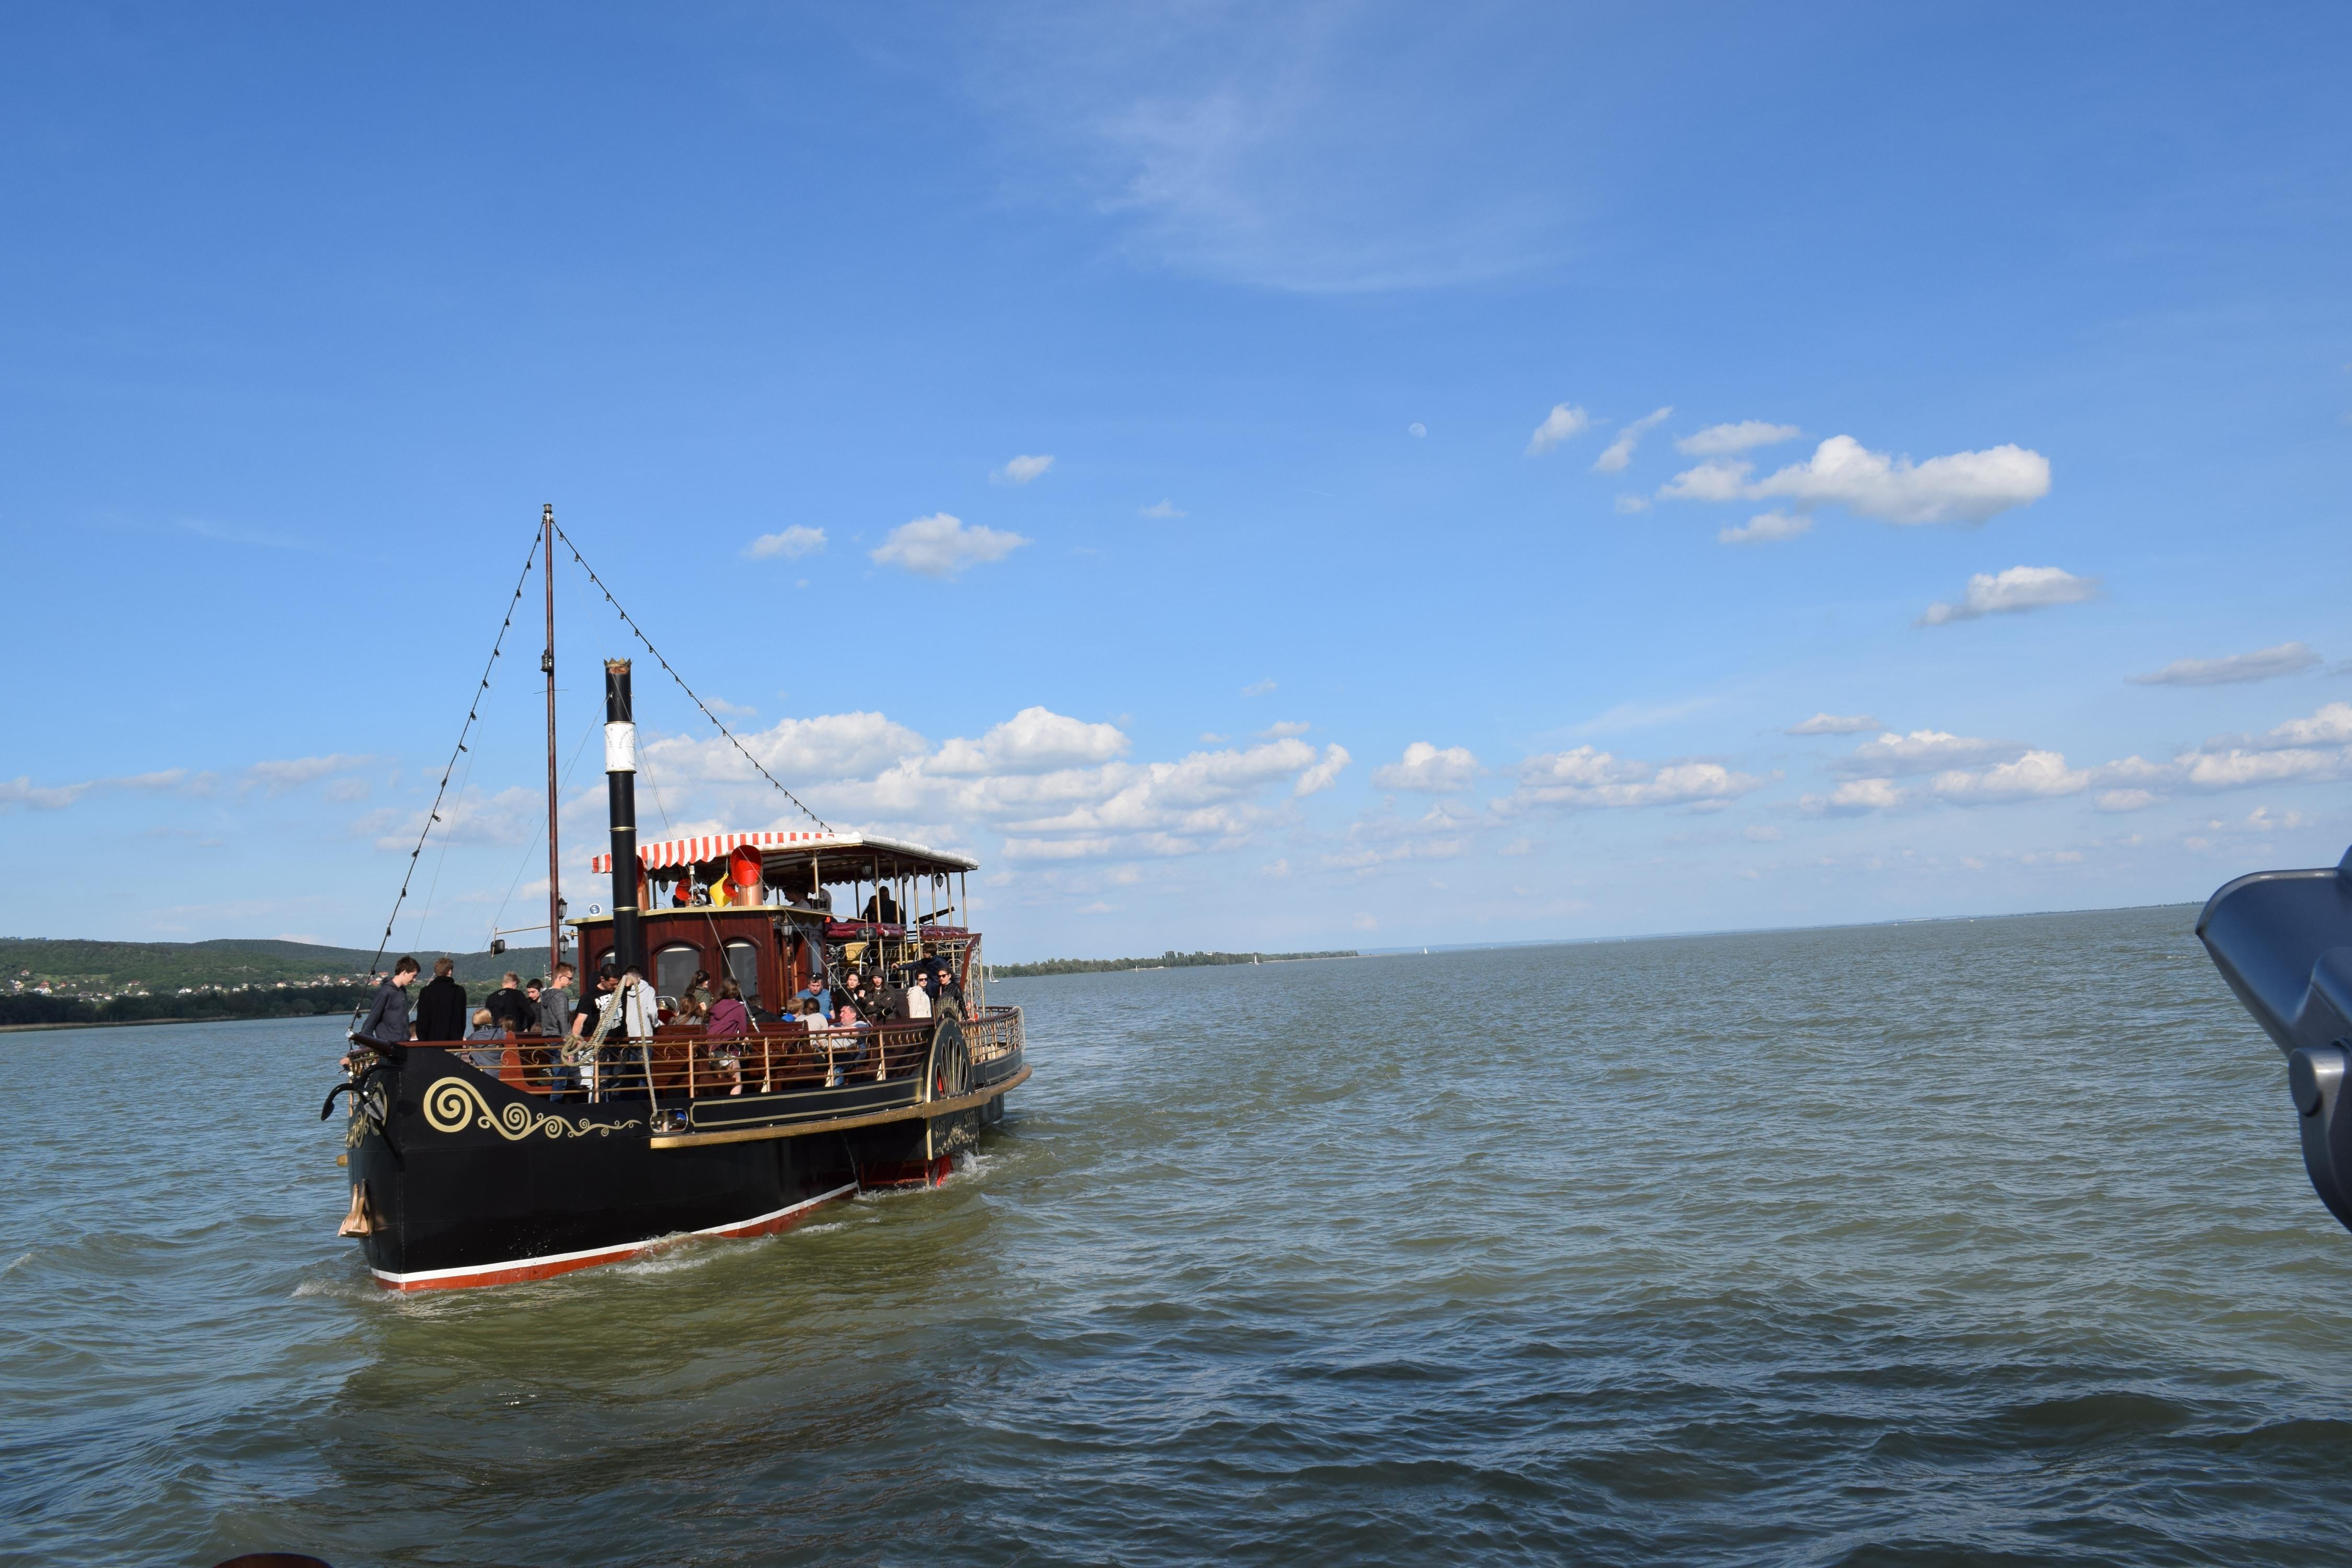 Lehet séta-hajózni is igazi kalóz hajón. ;)